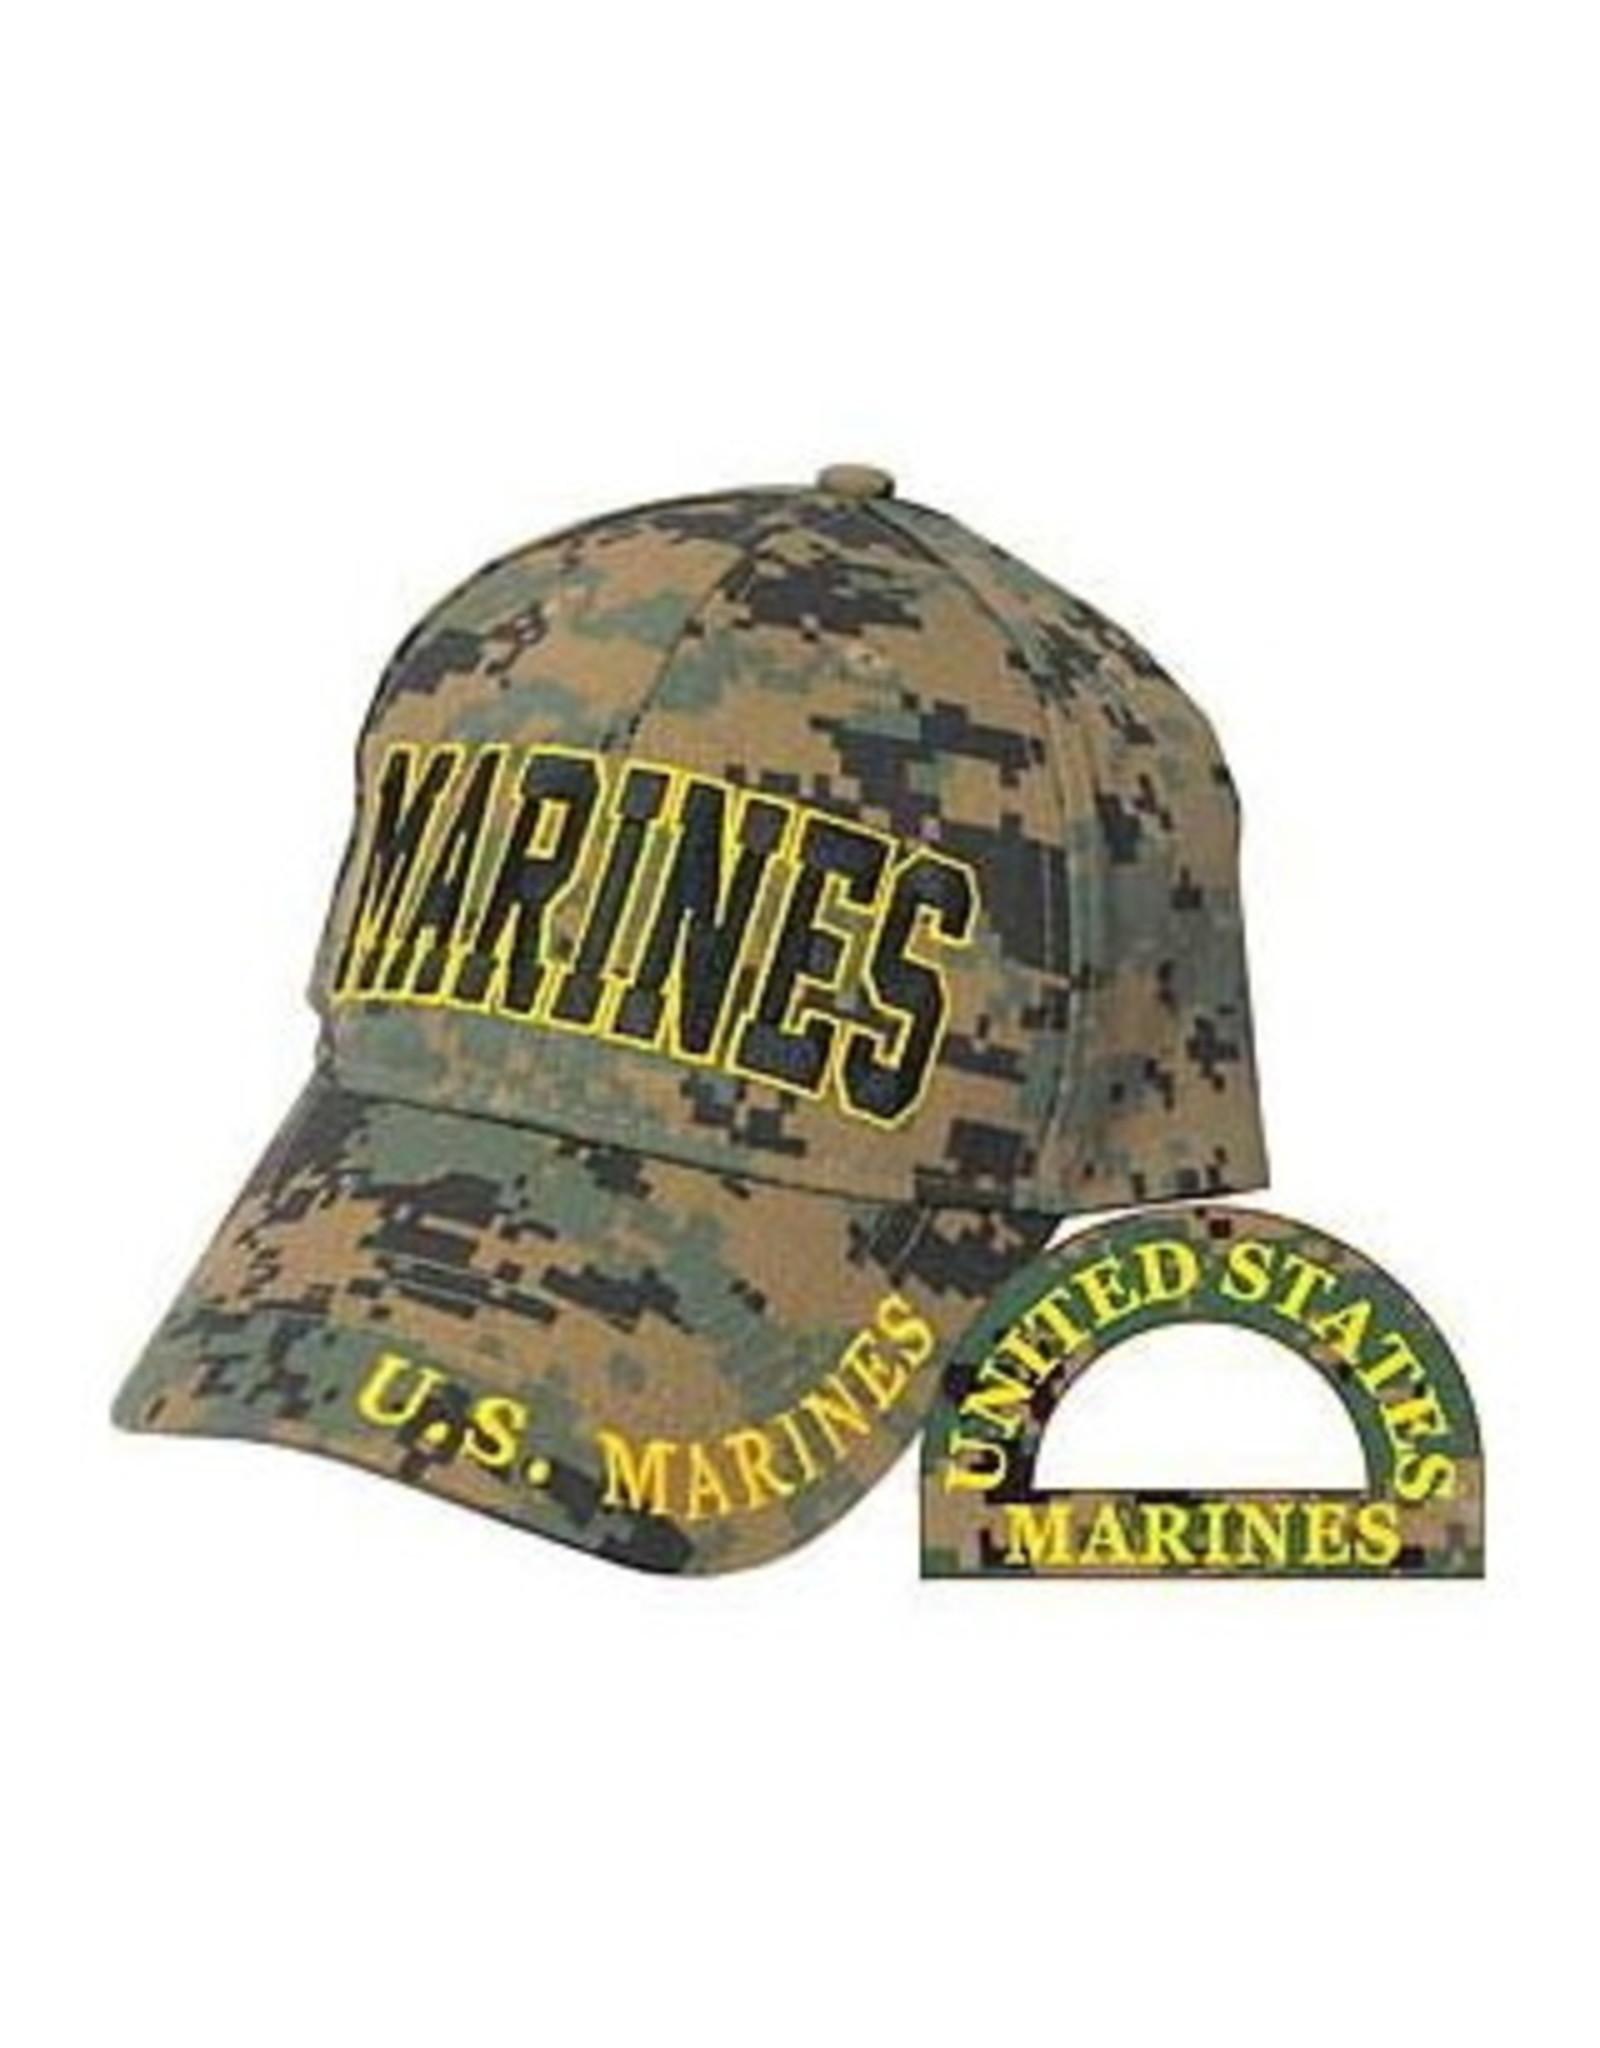 MidMil MARINES Hat on Woodland Digital